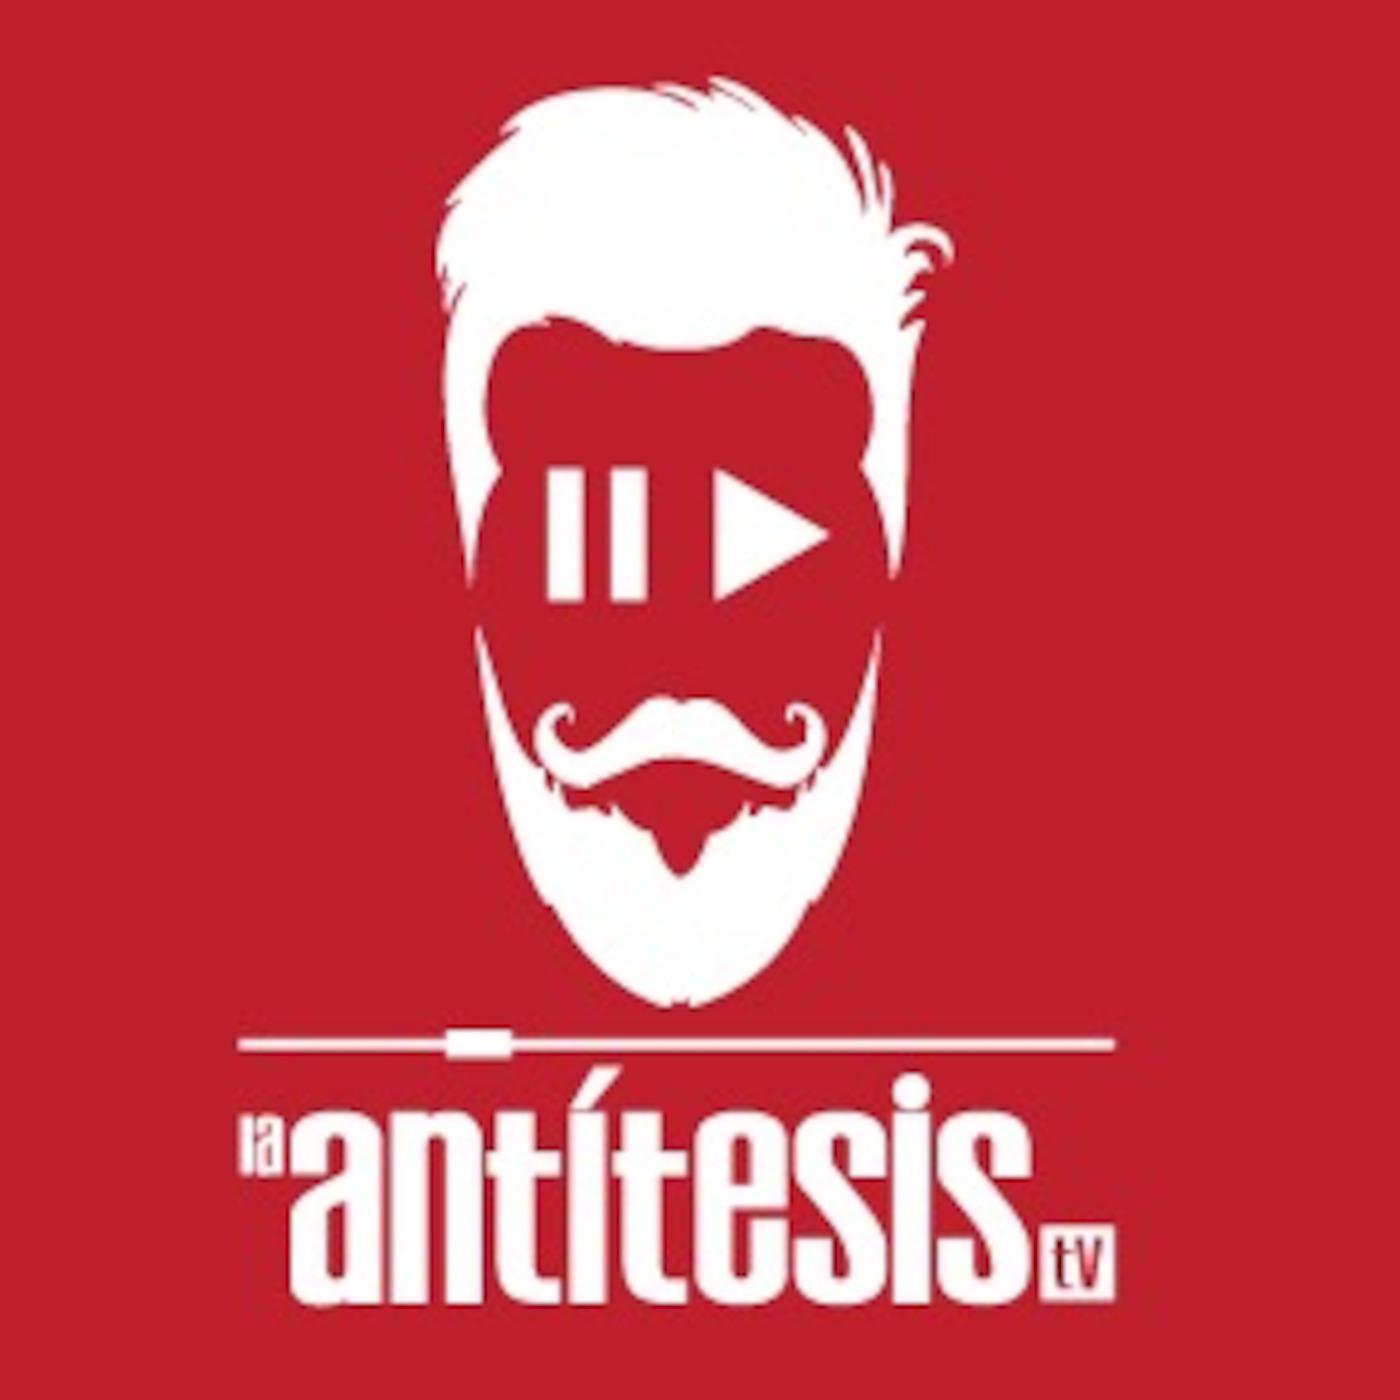 La Antitesis Tv: Cristianismo aguao y los extraterrestres